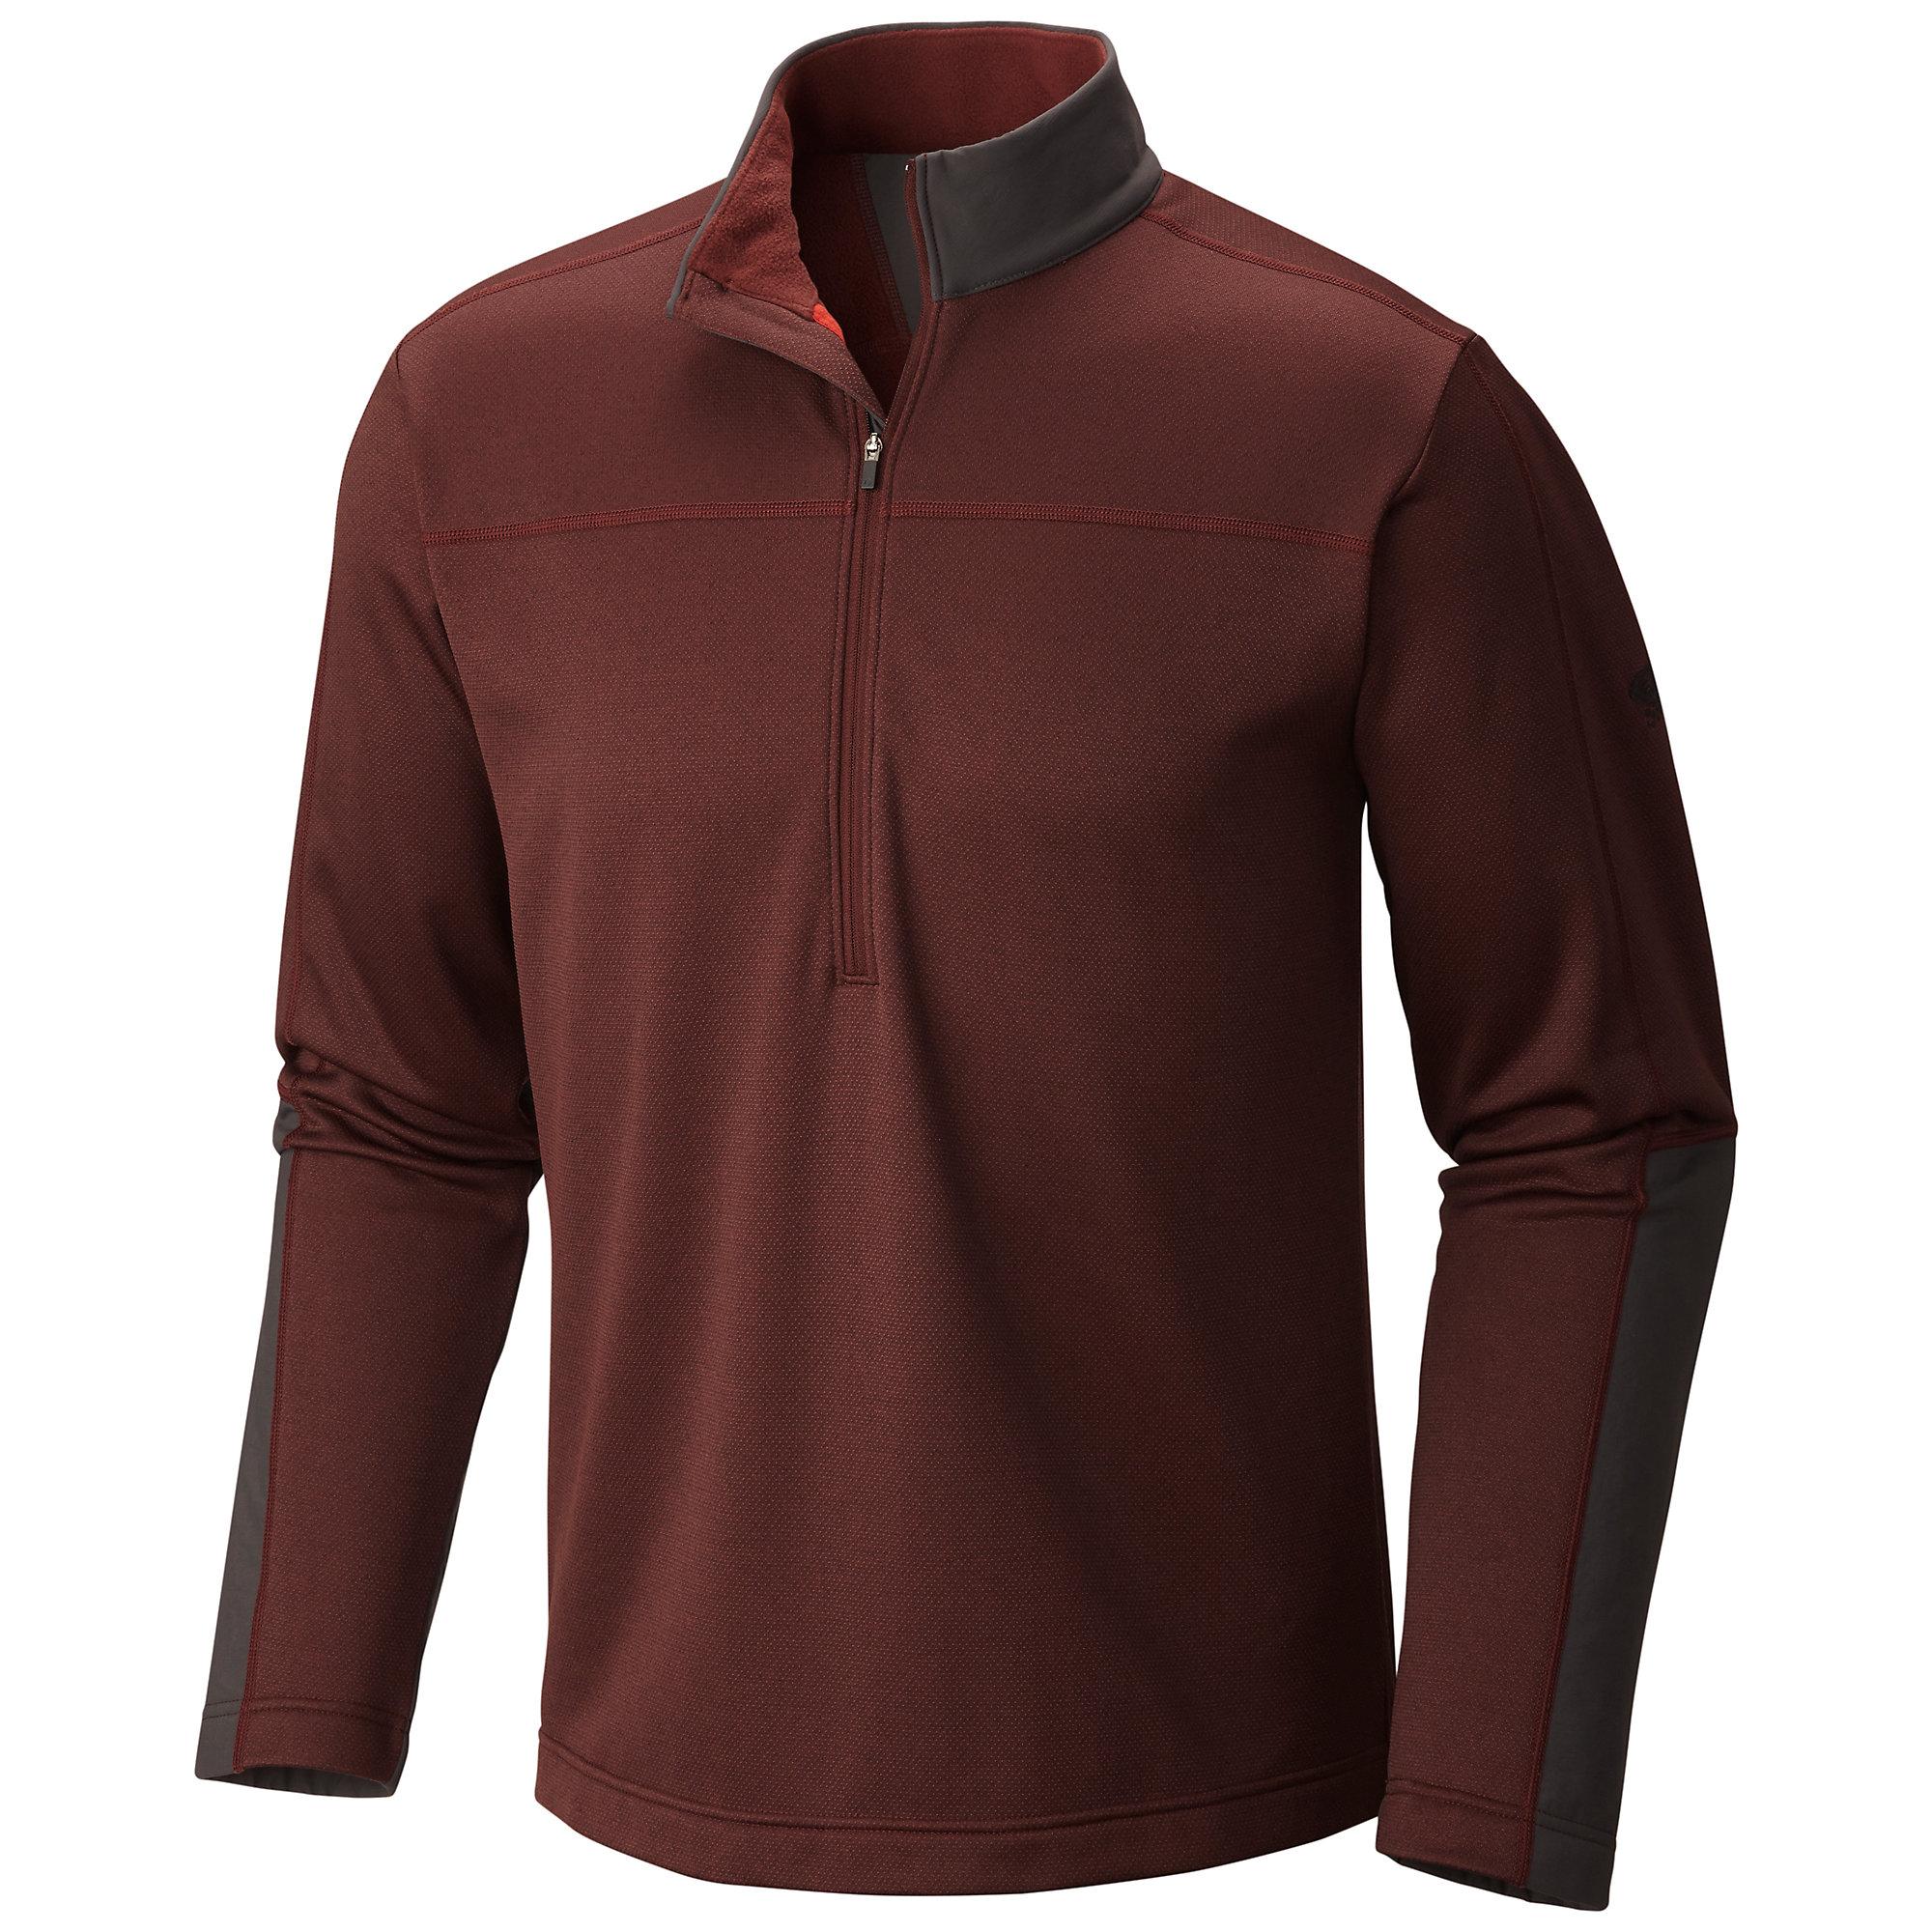 Mountain Hardwear Kiln Fleece 1/4 Zip